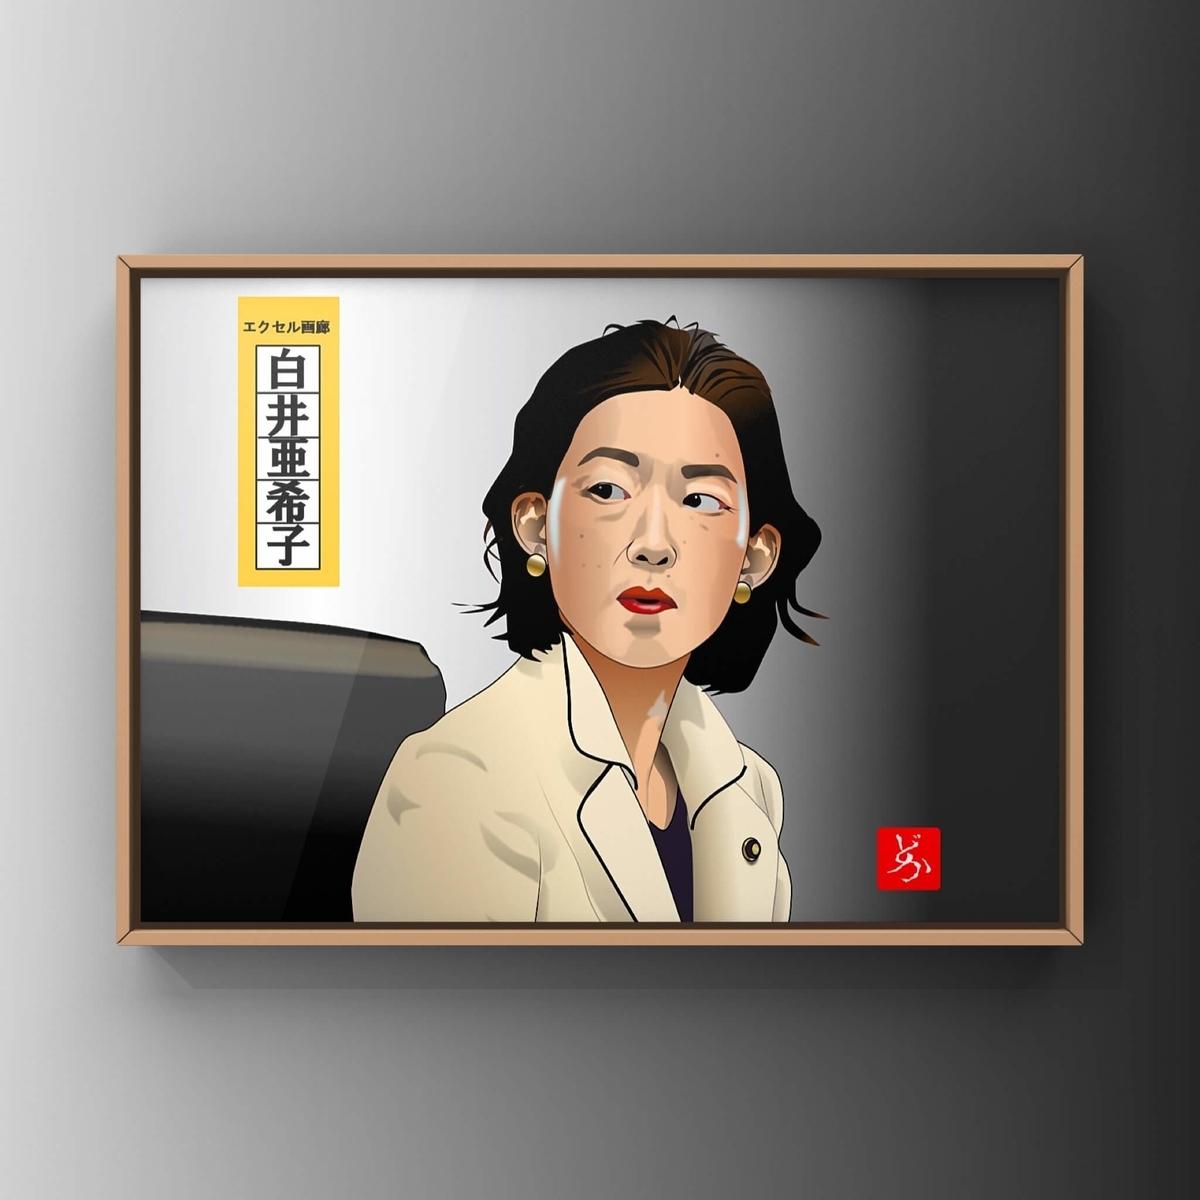 半沢直樹の白井大臣@江口のりこのエクセル画イラスト白井額装版